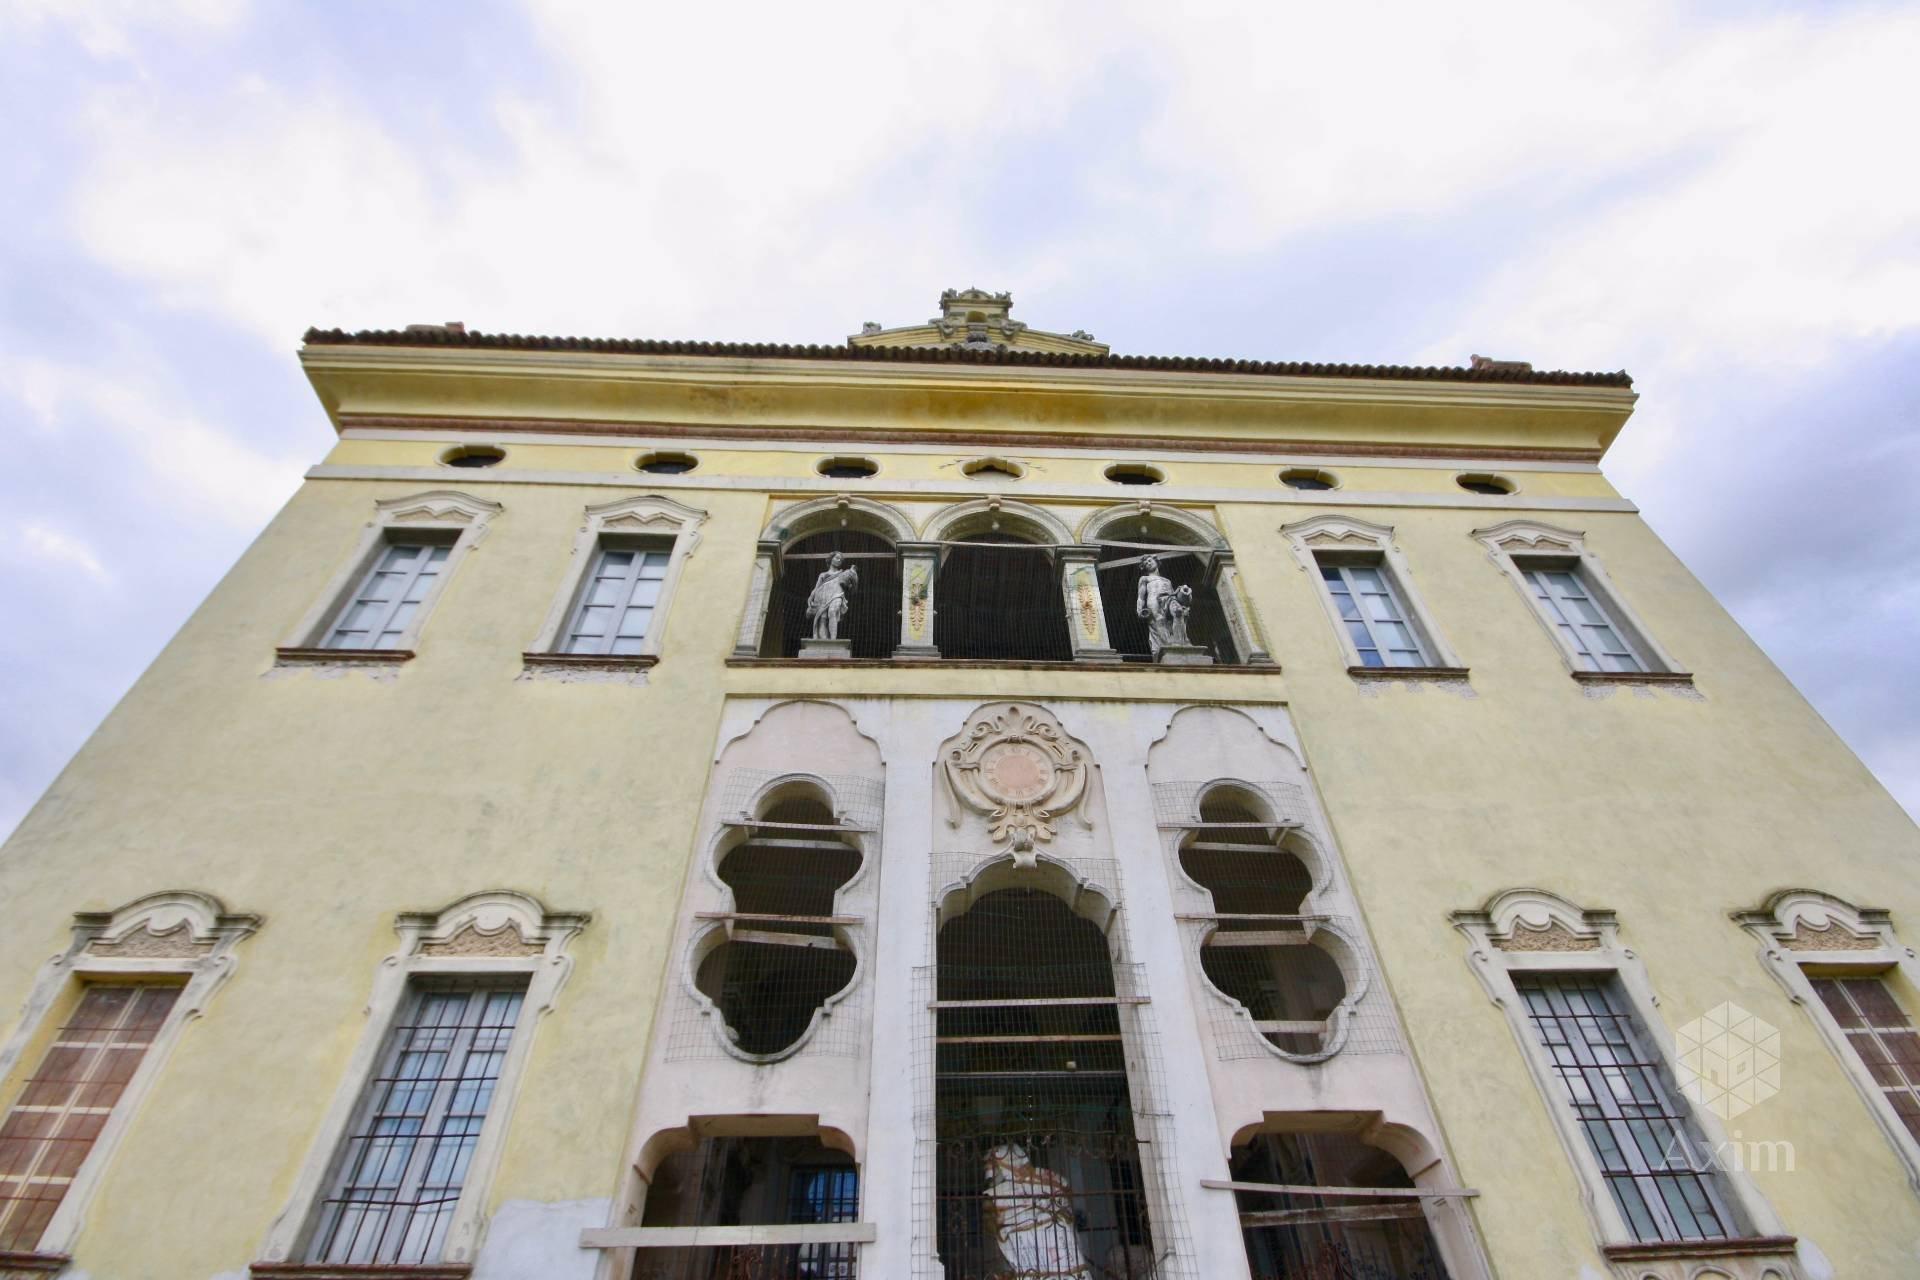 Vendita Proprietà - Busseto   - Italia